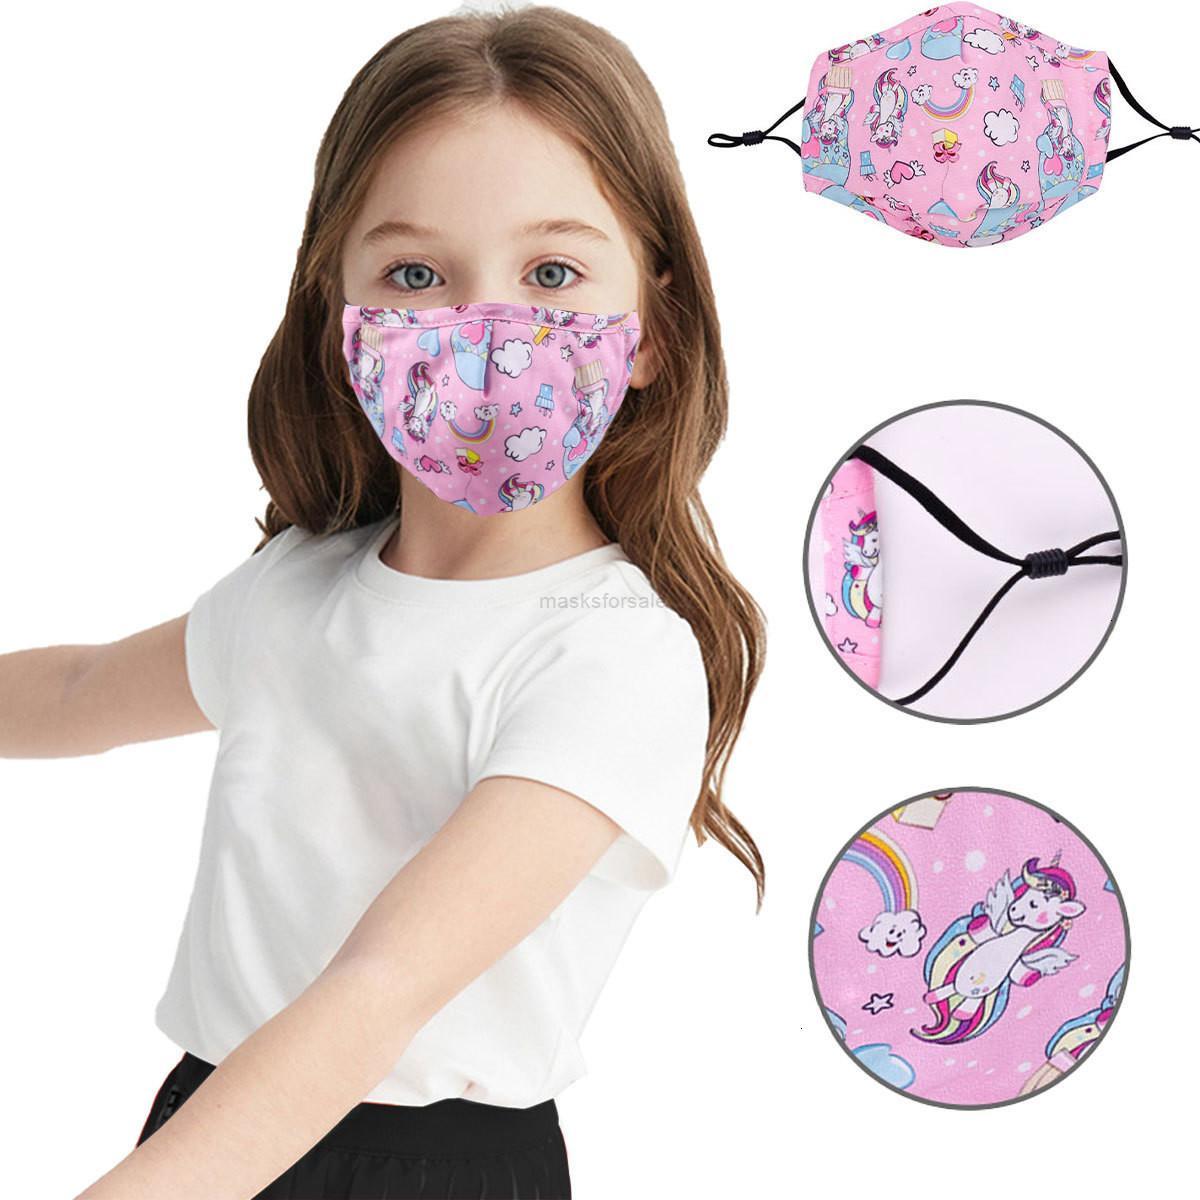 Dibujos animados lindo a prueba de polvo impreso de invierno reemplazable para niños con máscara de algodón de tela XHL2KP